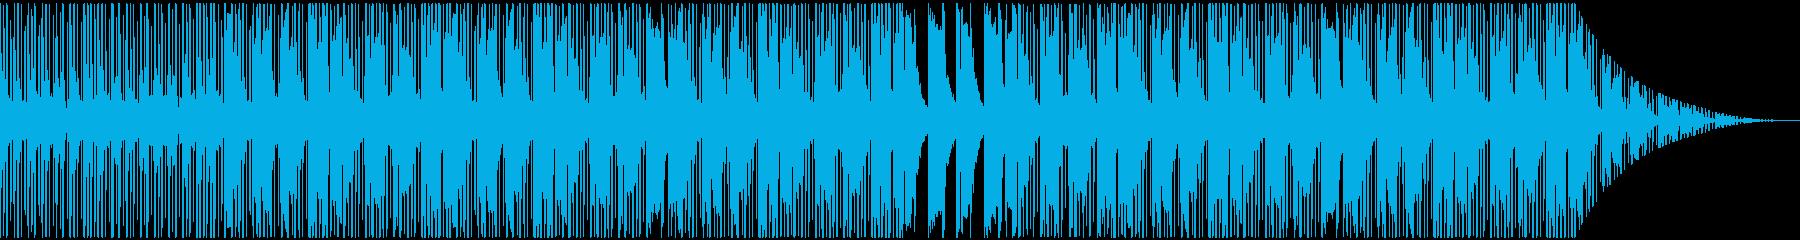 Jazzy Mellow Hip Hopの再生済みの波形